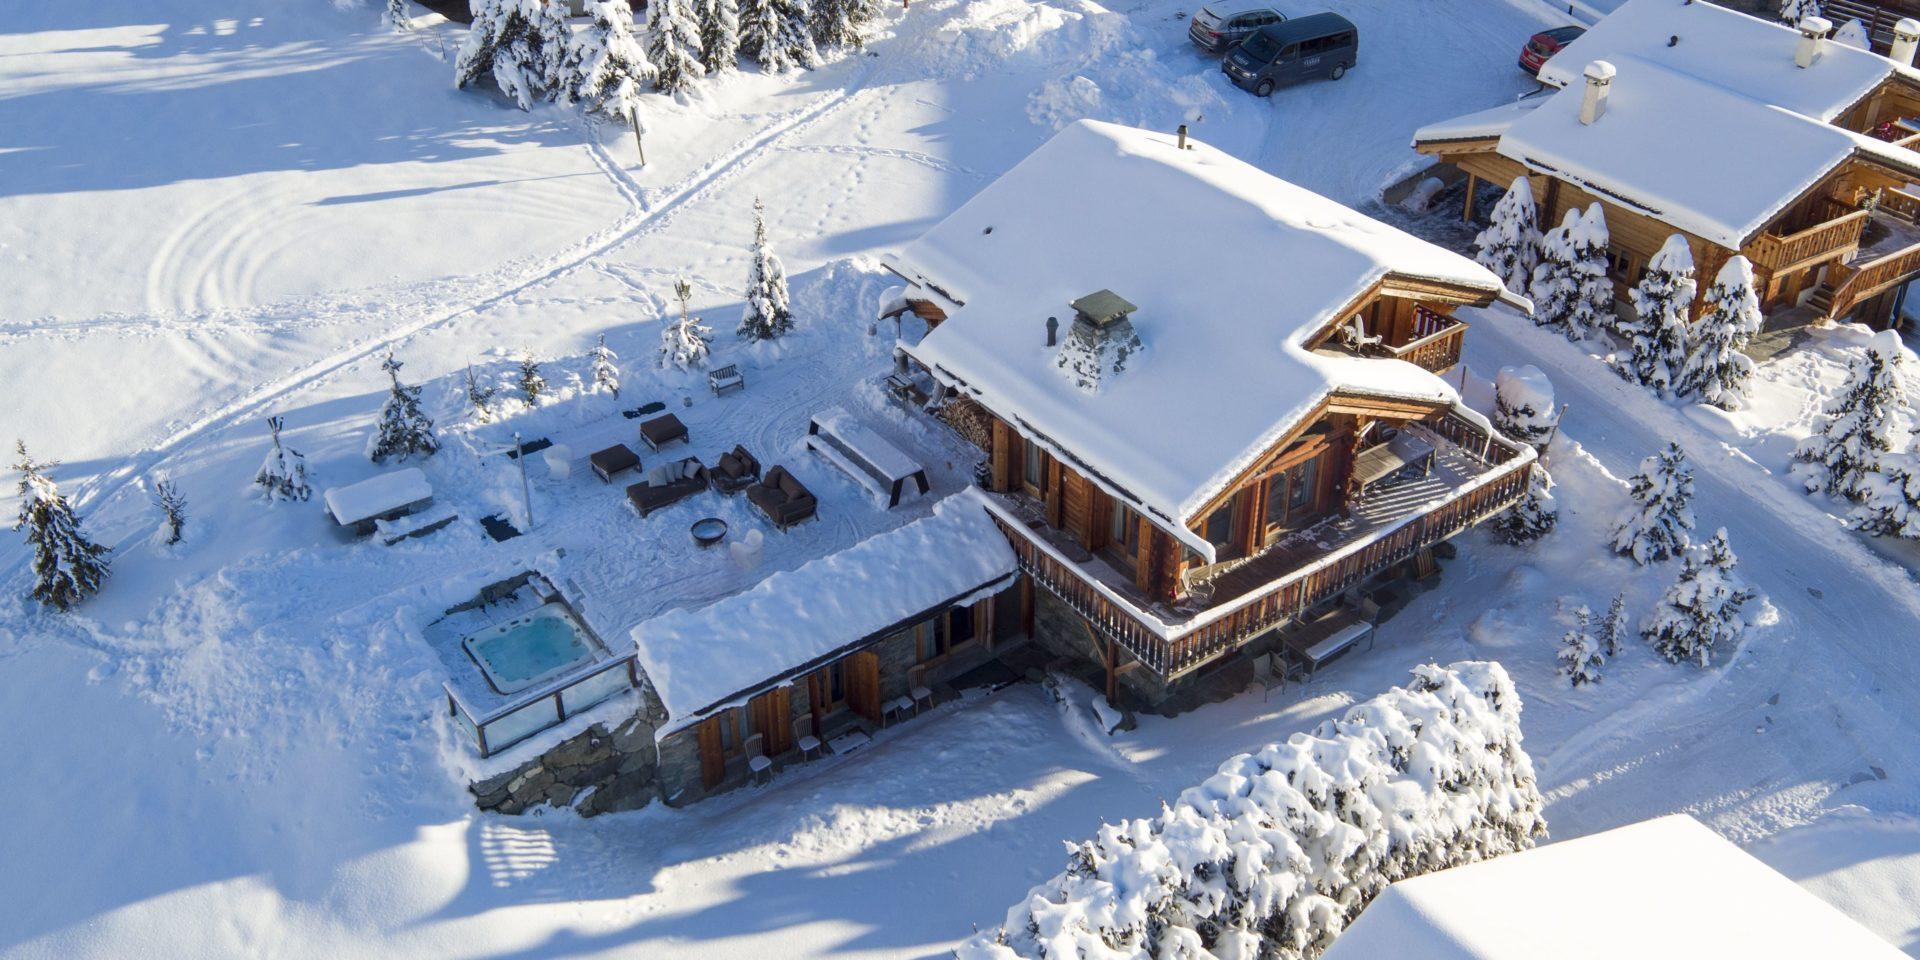 Chalet Pierre Avoi Verbier Les 4 Vallees Zwitserland wintersport skivakantie luxe chalet bovenaanzicht hot tub terras zitje ligging sneeuw besneeuwde bomen